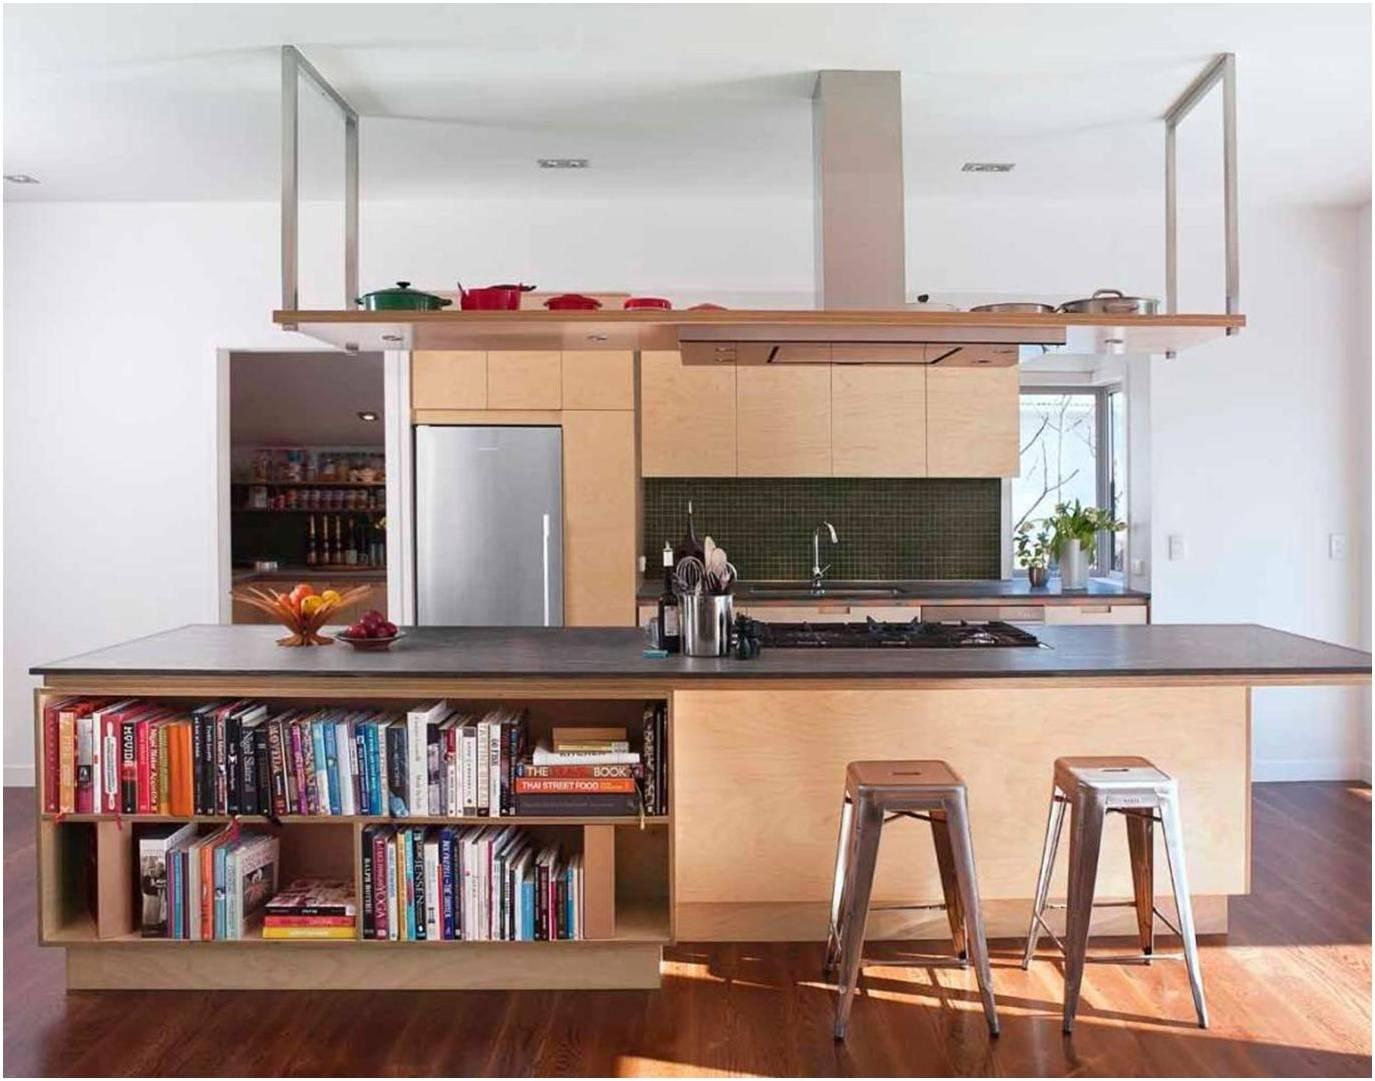 独立岛台厨房多高